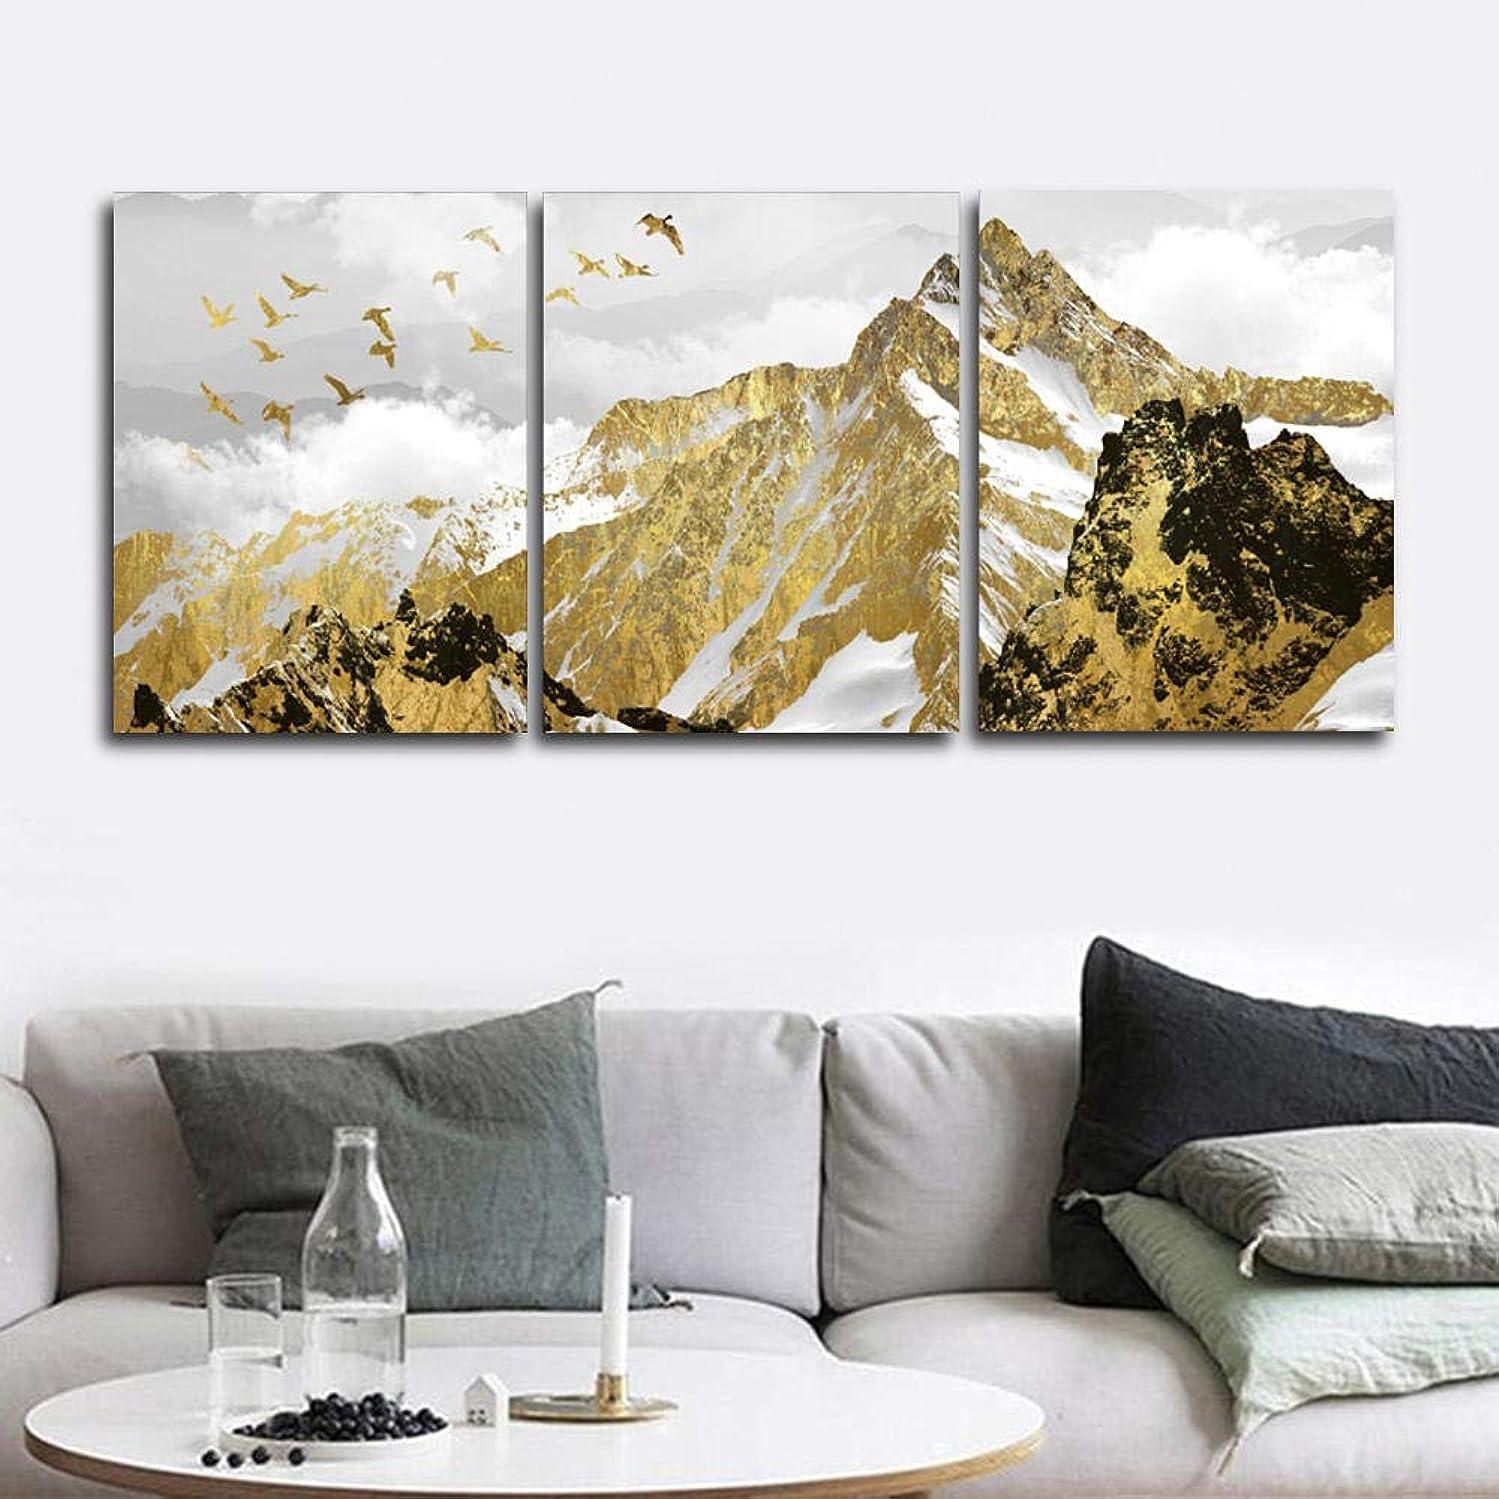 リブテーブルを設定するブラウザ金山の壁画ポスター印刷キャンバス絵画リビングルーム装飾絵画家の装飾40x60cmx3(フレームレス)